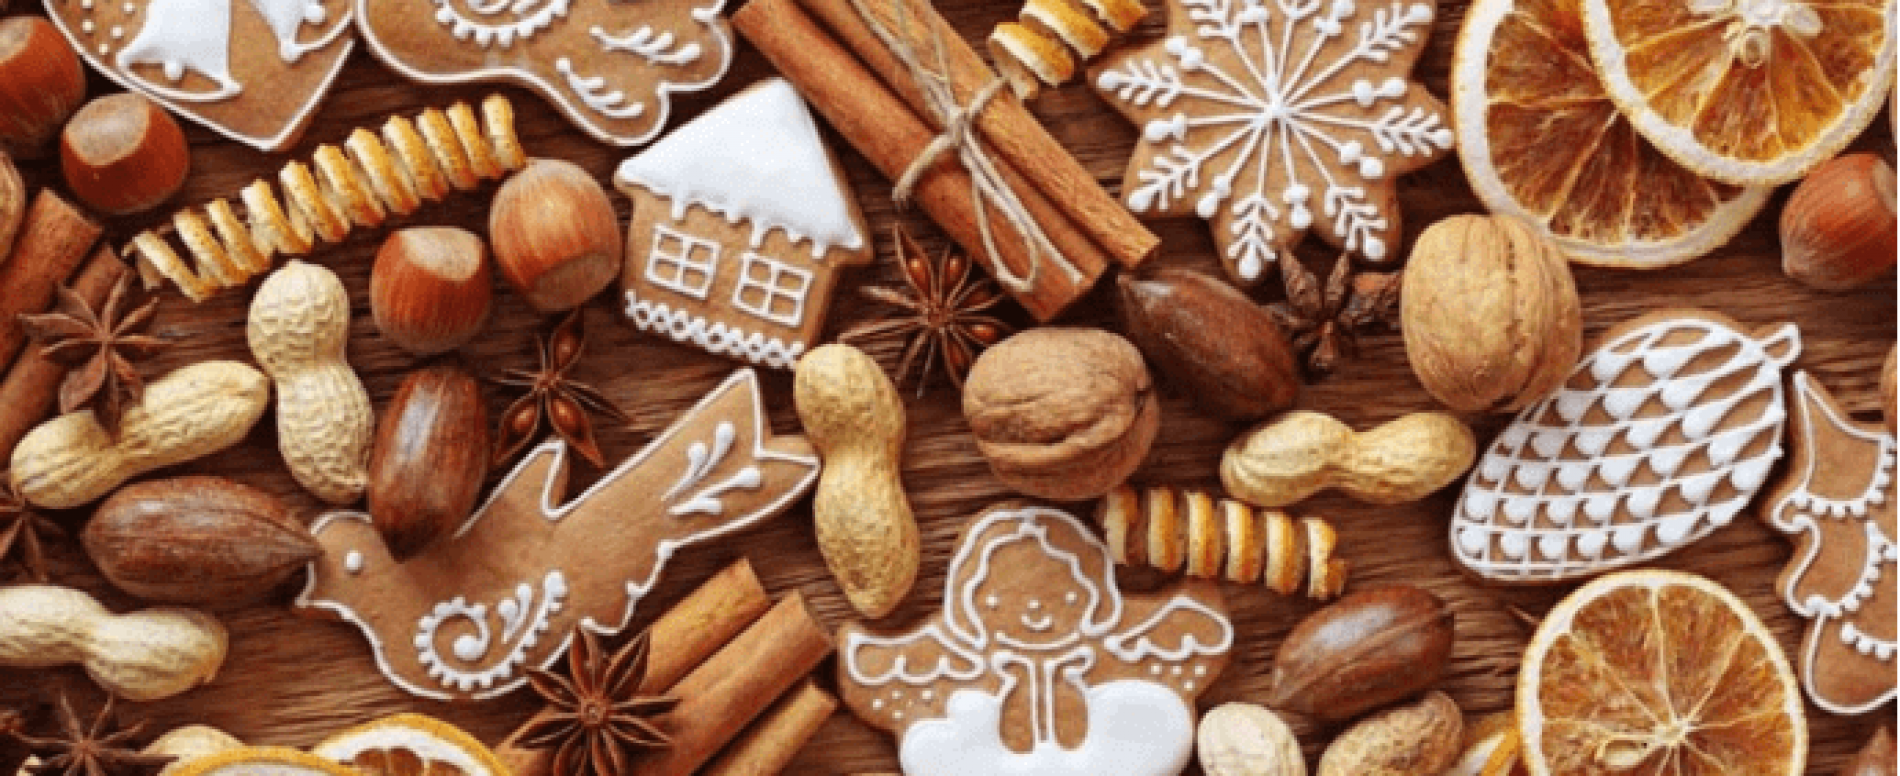 Dolci nelle feste: uno strappo alla regola si può, ma senza esagerare